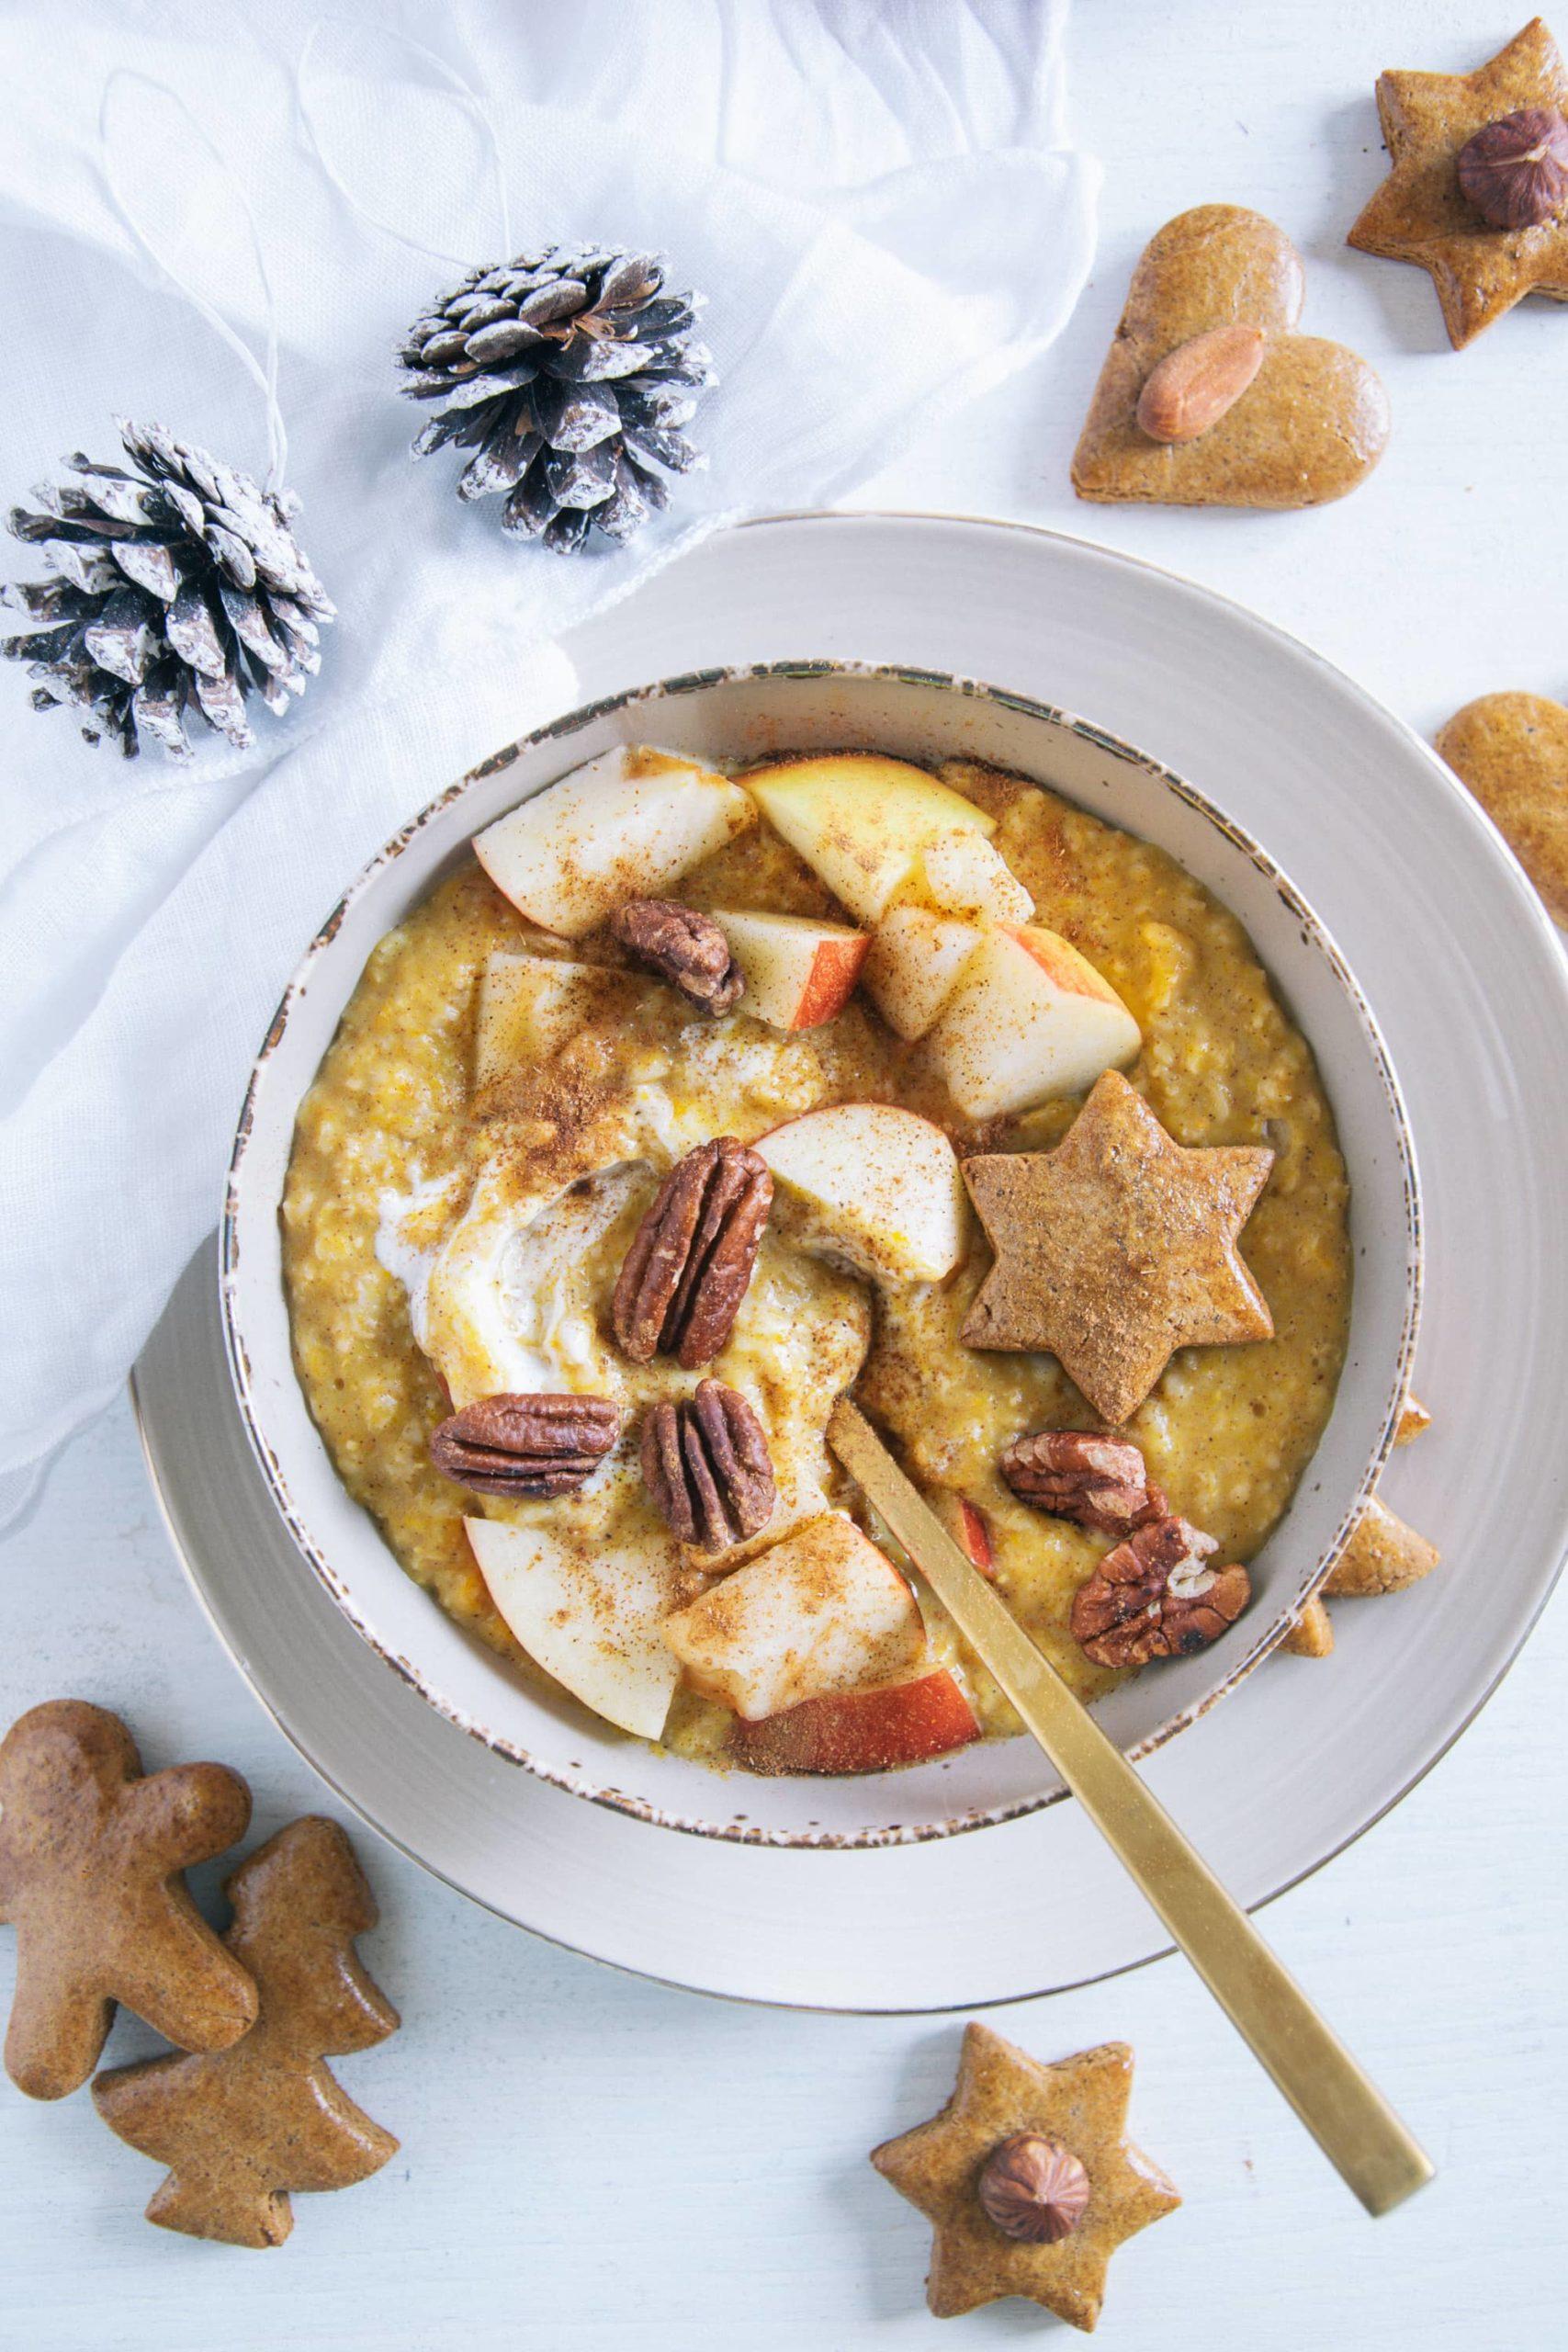 Kürbis-Porridge mit einem Topping aus Apfelstücken, Pekannüssen, einem Lebkuchenstern und Zimt. Goldener Apfel im Porridge. Braune Schüssel auf beigem Teller und weißem Untergrund. Dekoriert mit einem weißen Leinentuch und Zapfen.